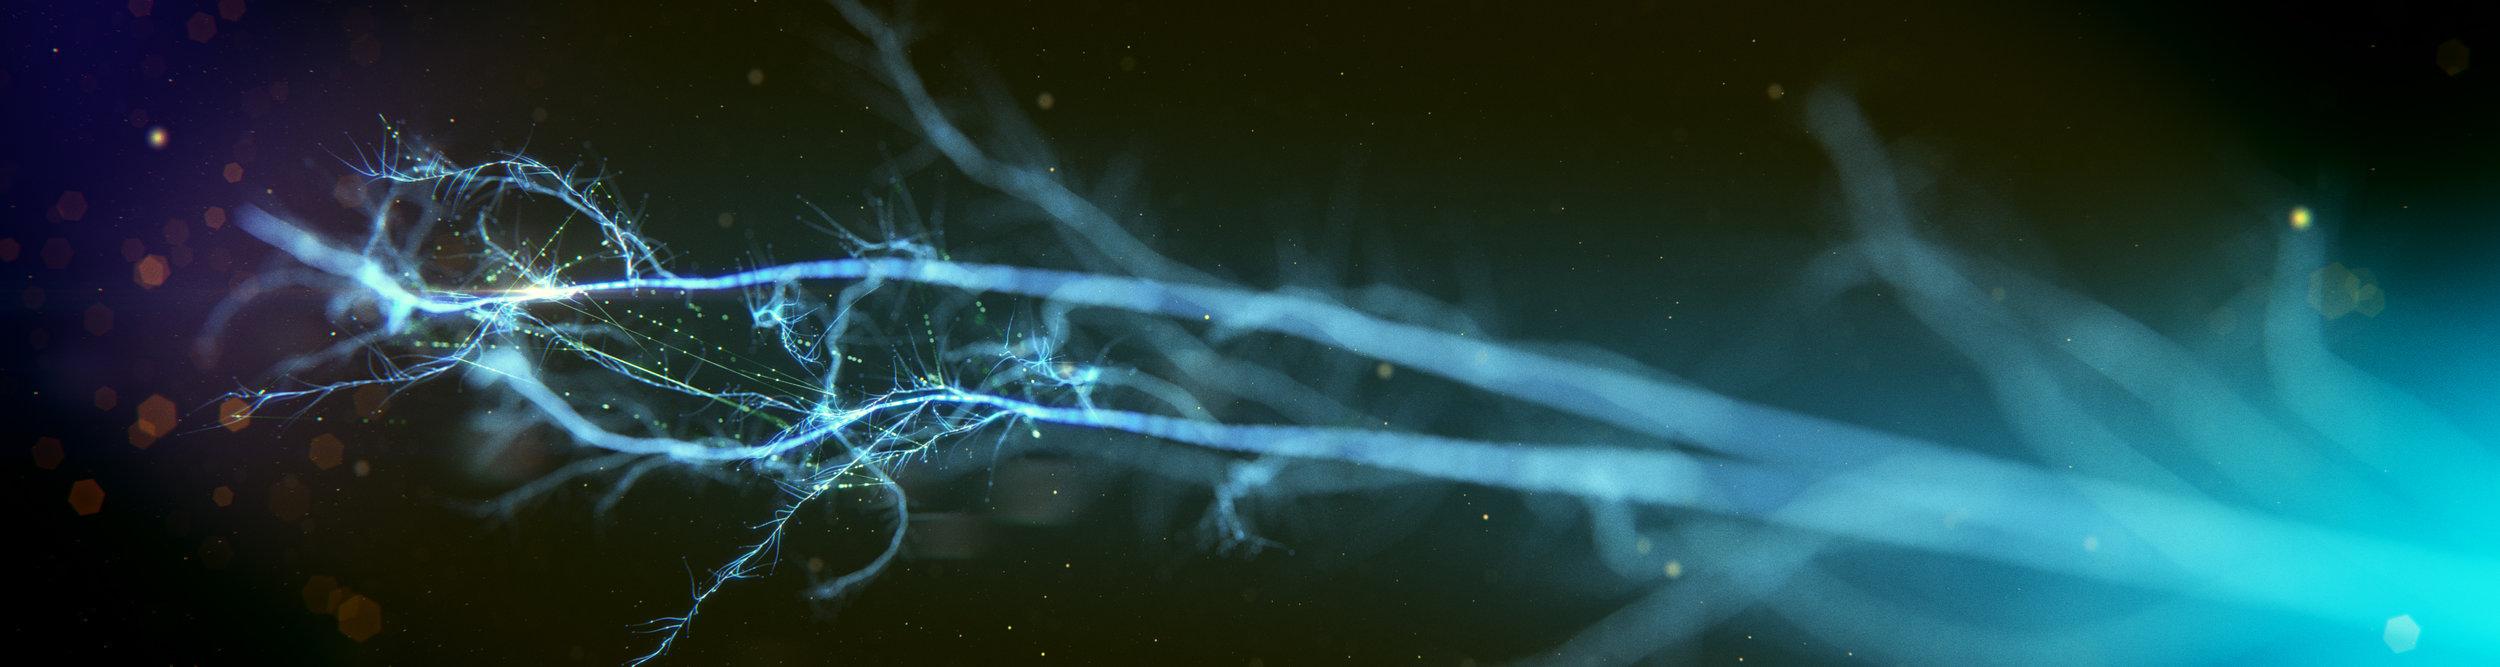 170829_Neuron_v1.jpg